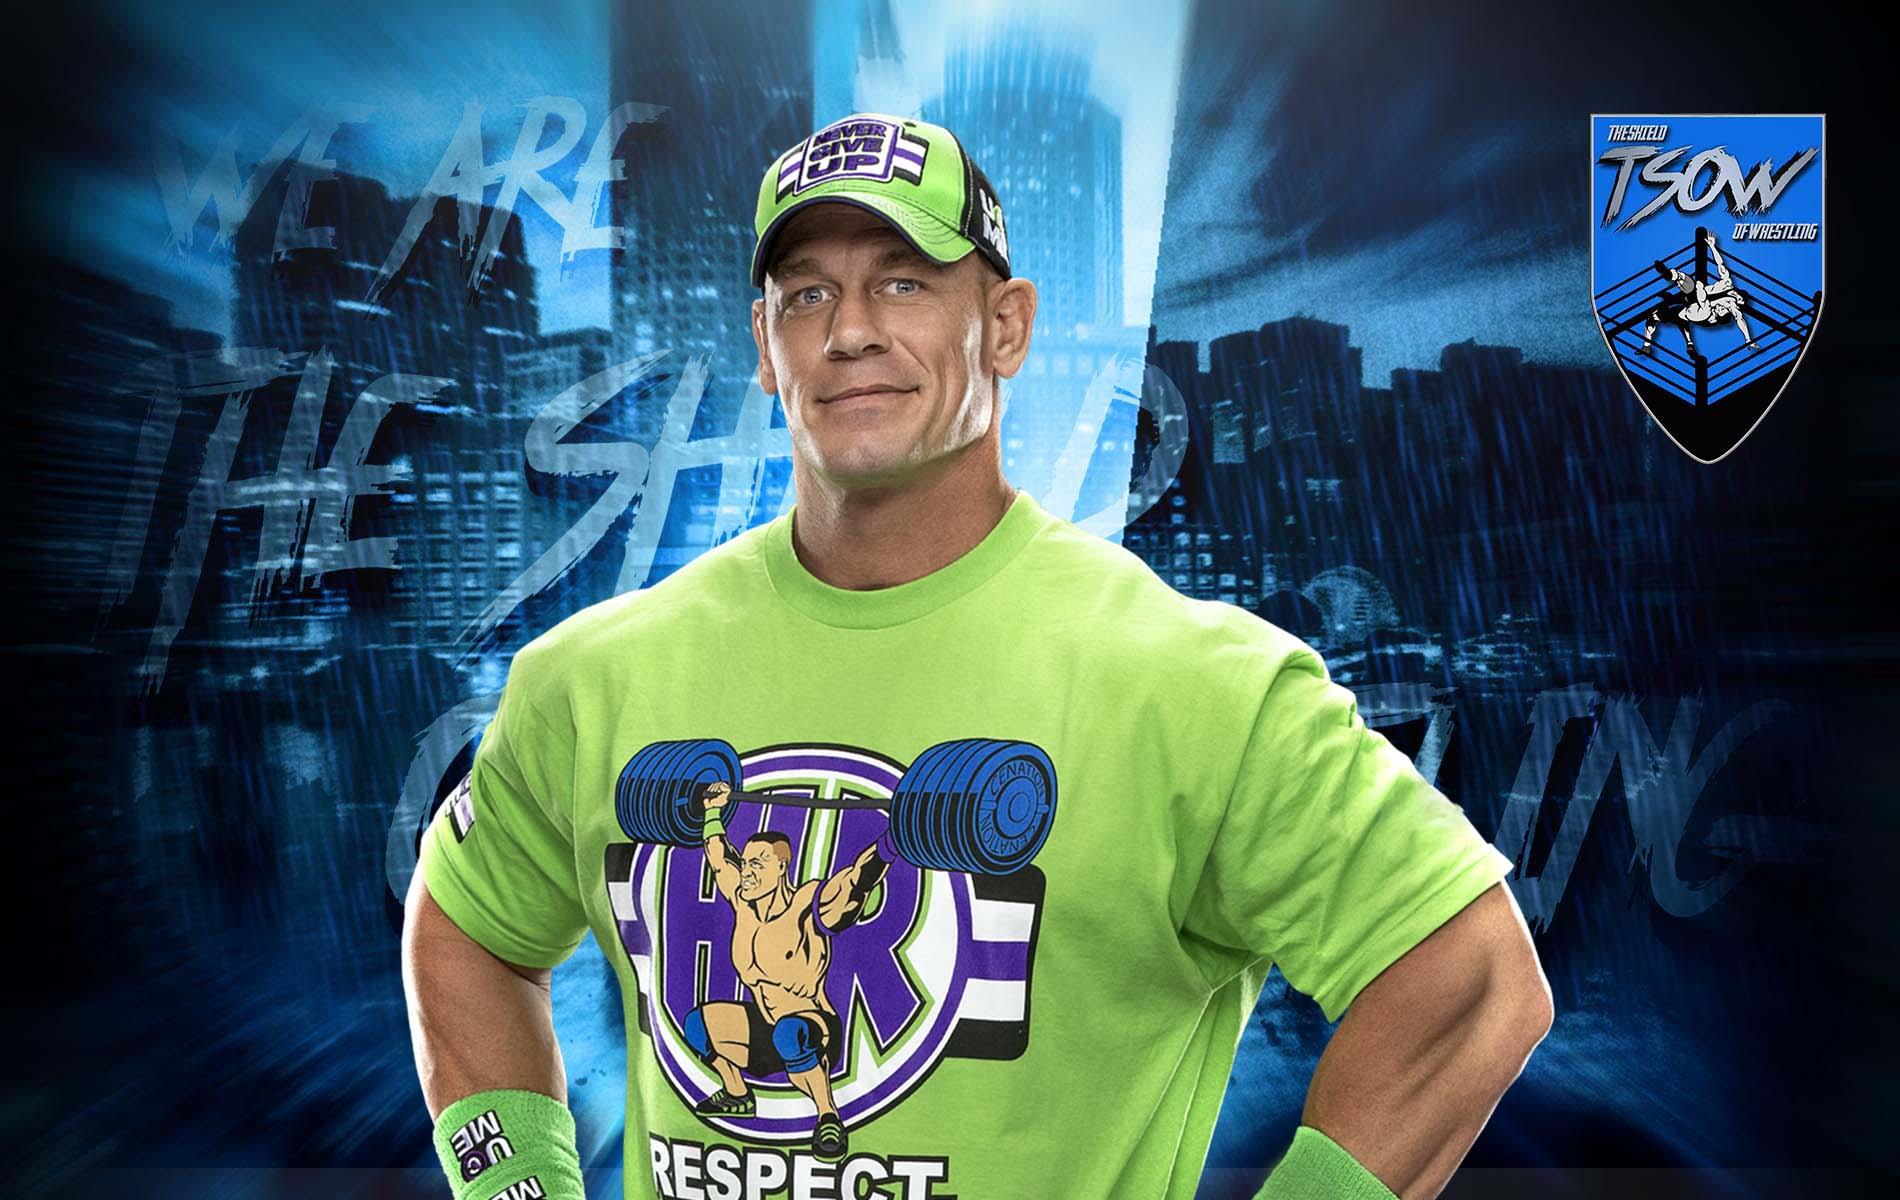 John Cena pubblica una foto di Drew McIntyre